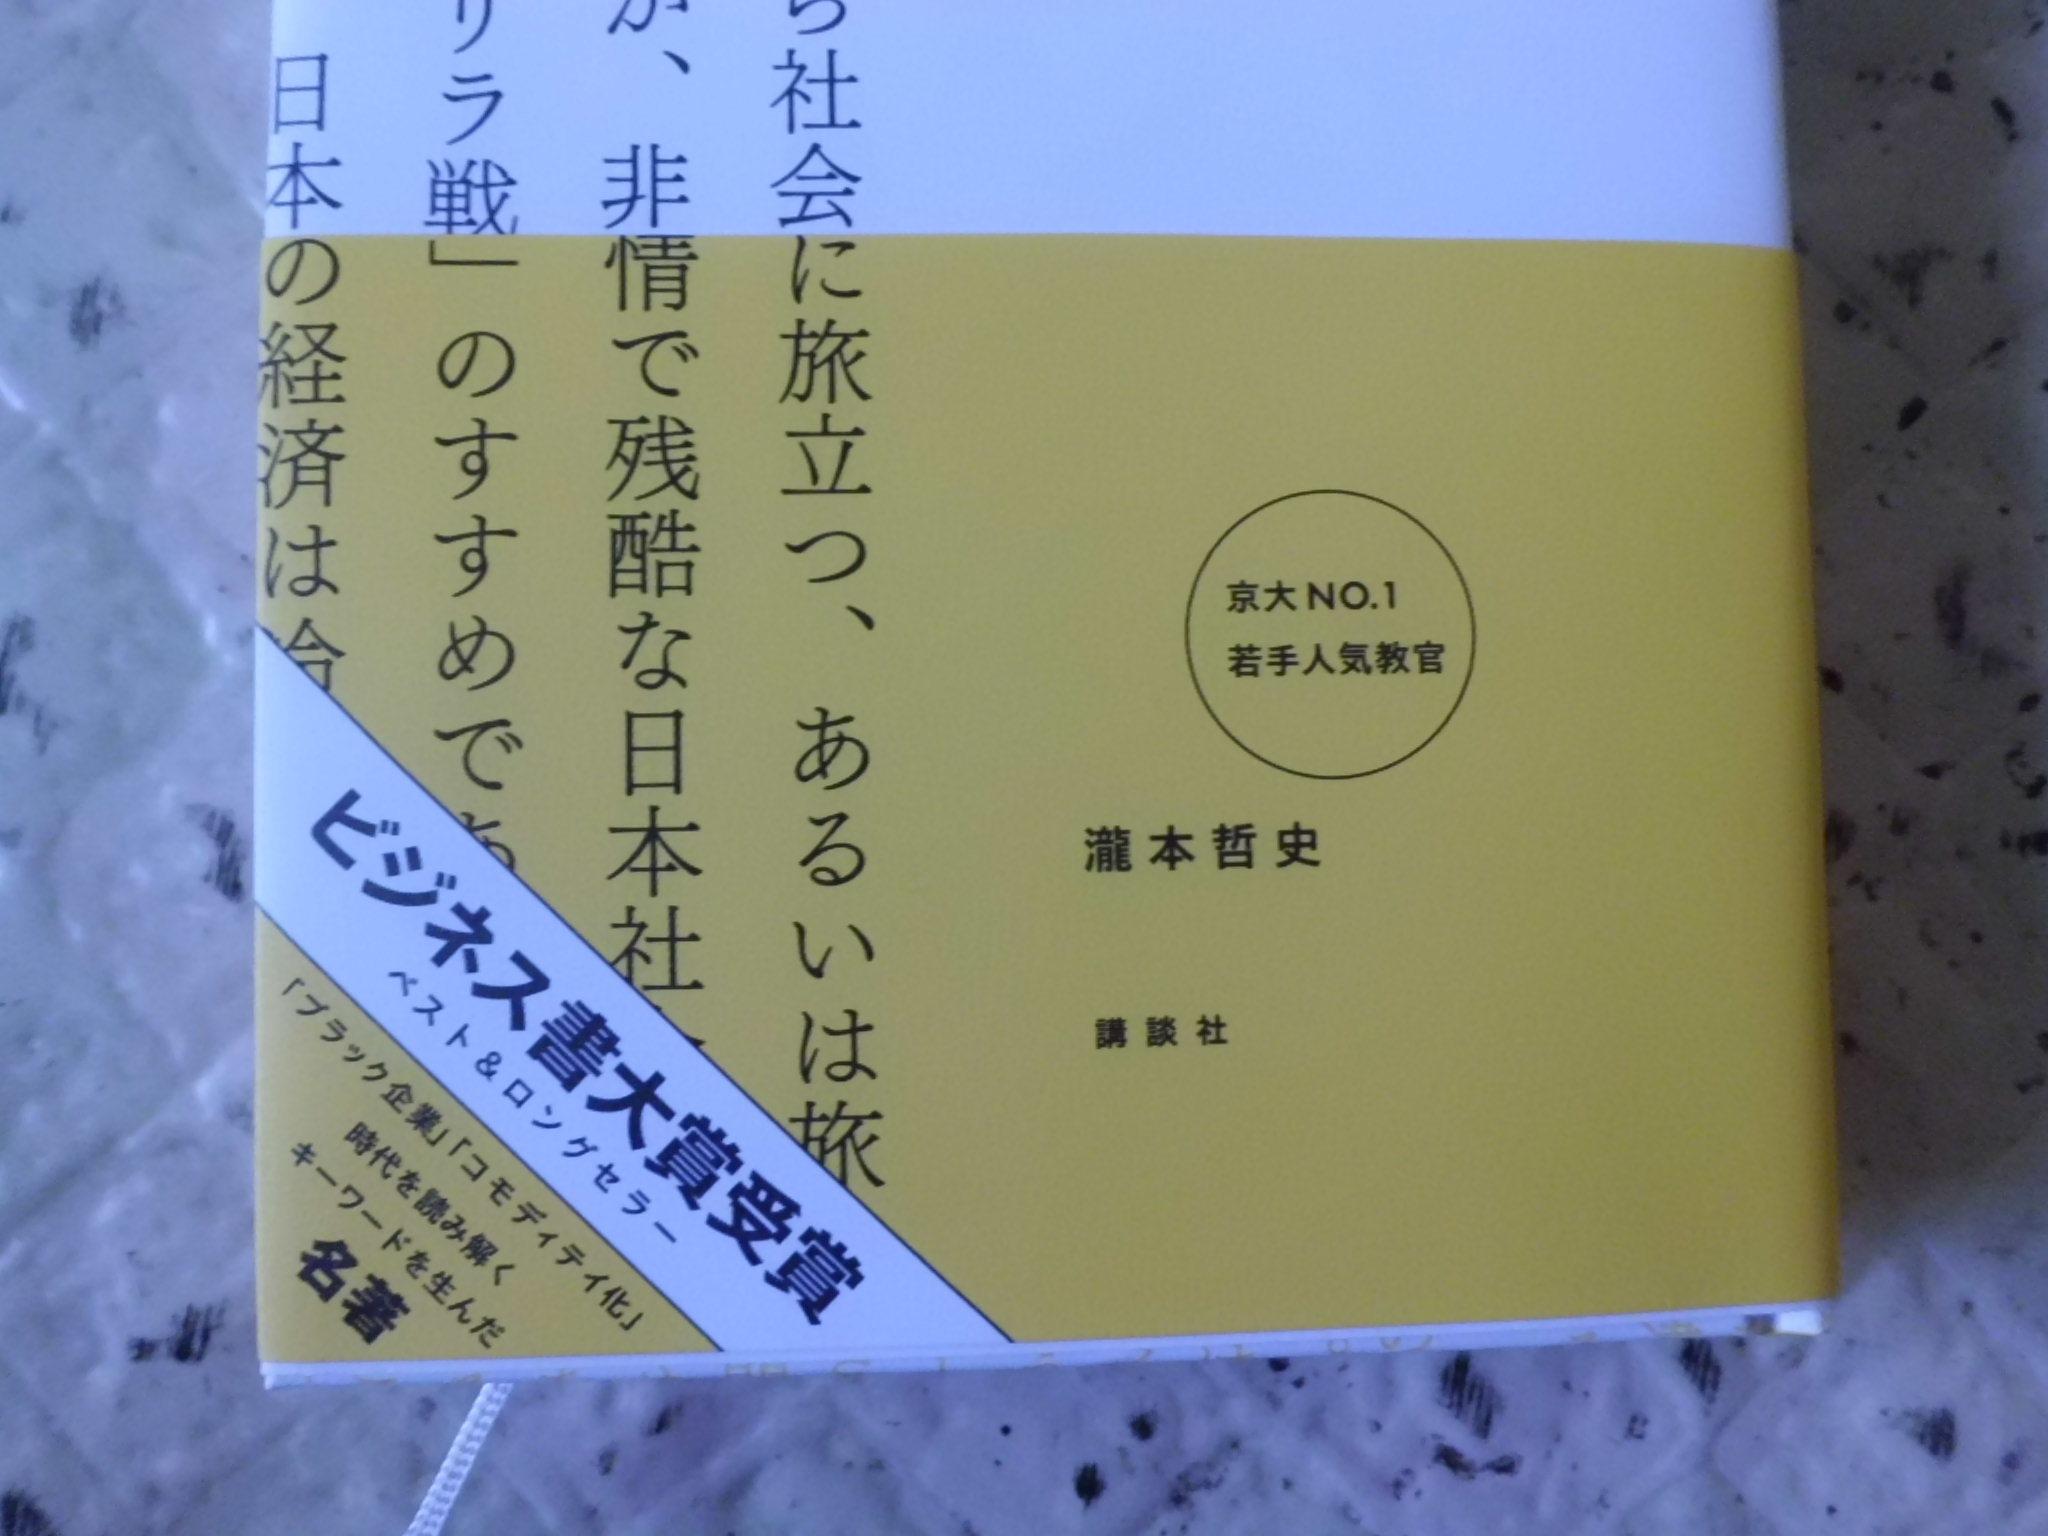 京都妖怪探検隊隊長 読書に目覚める③_e0096277_08413558.jpg